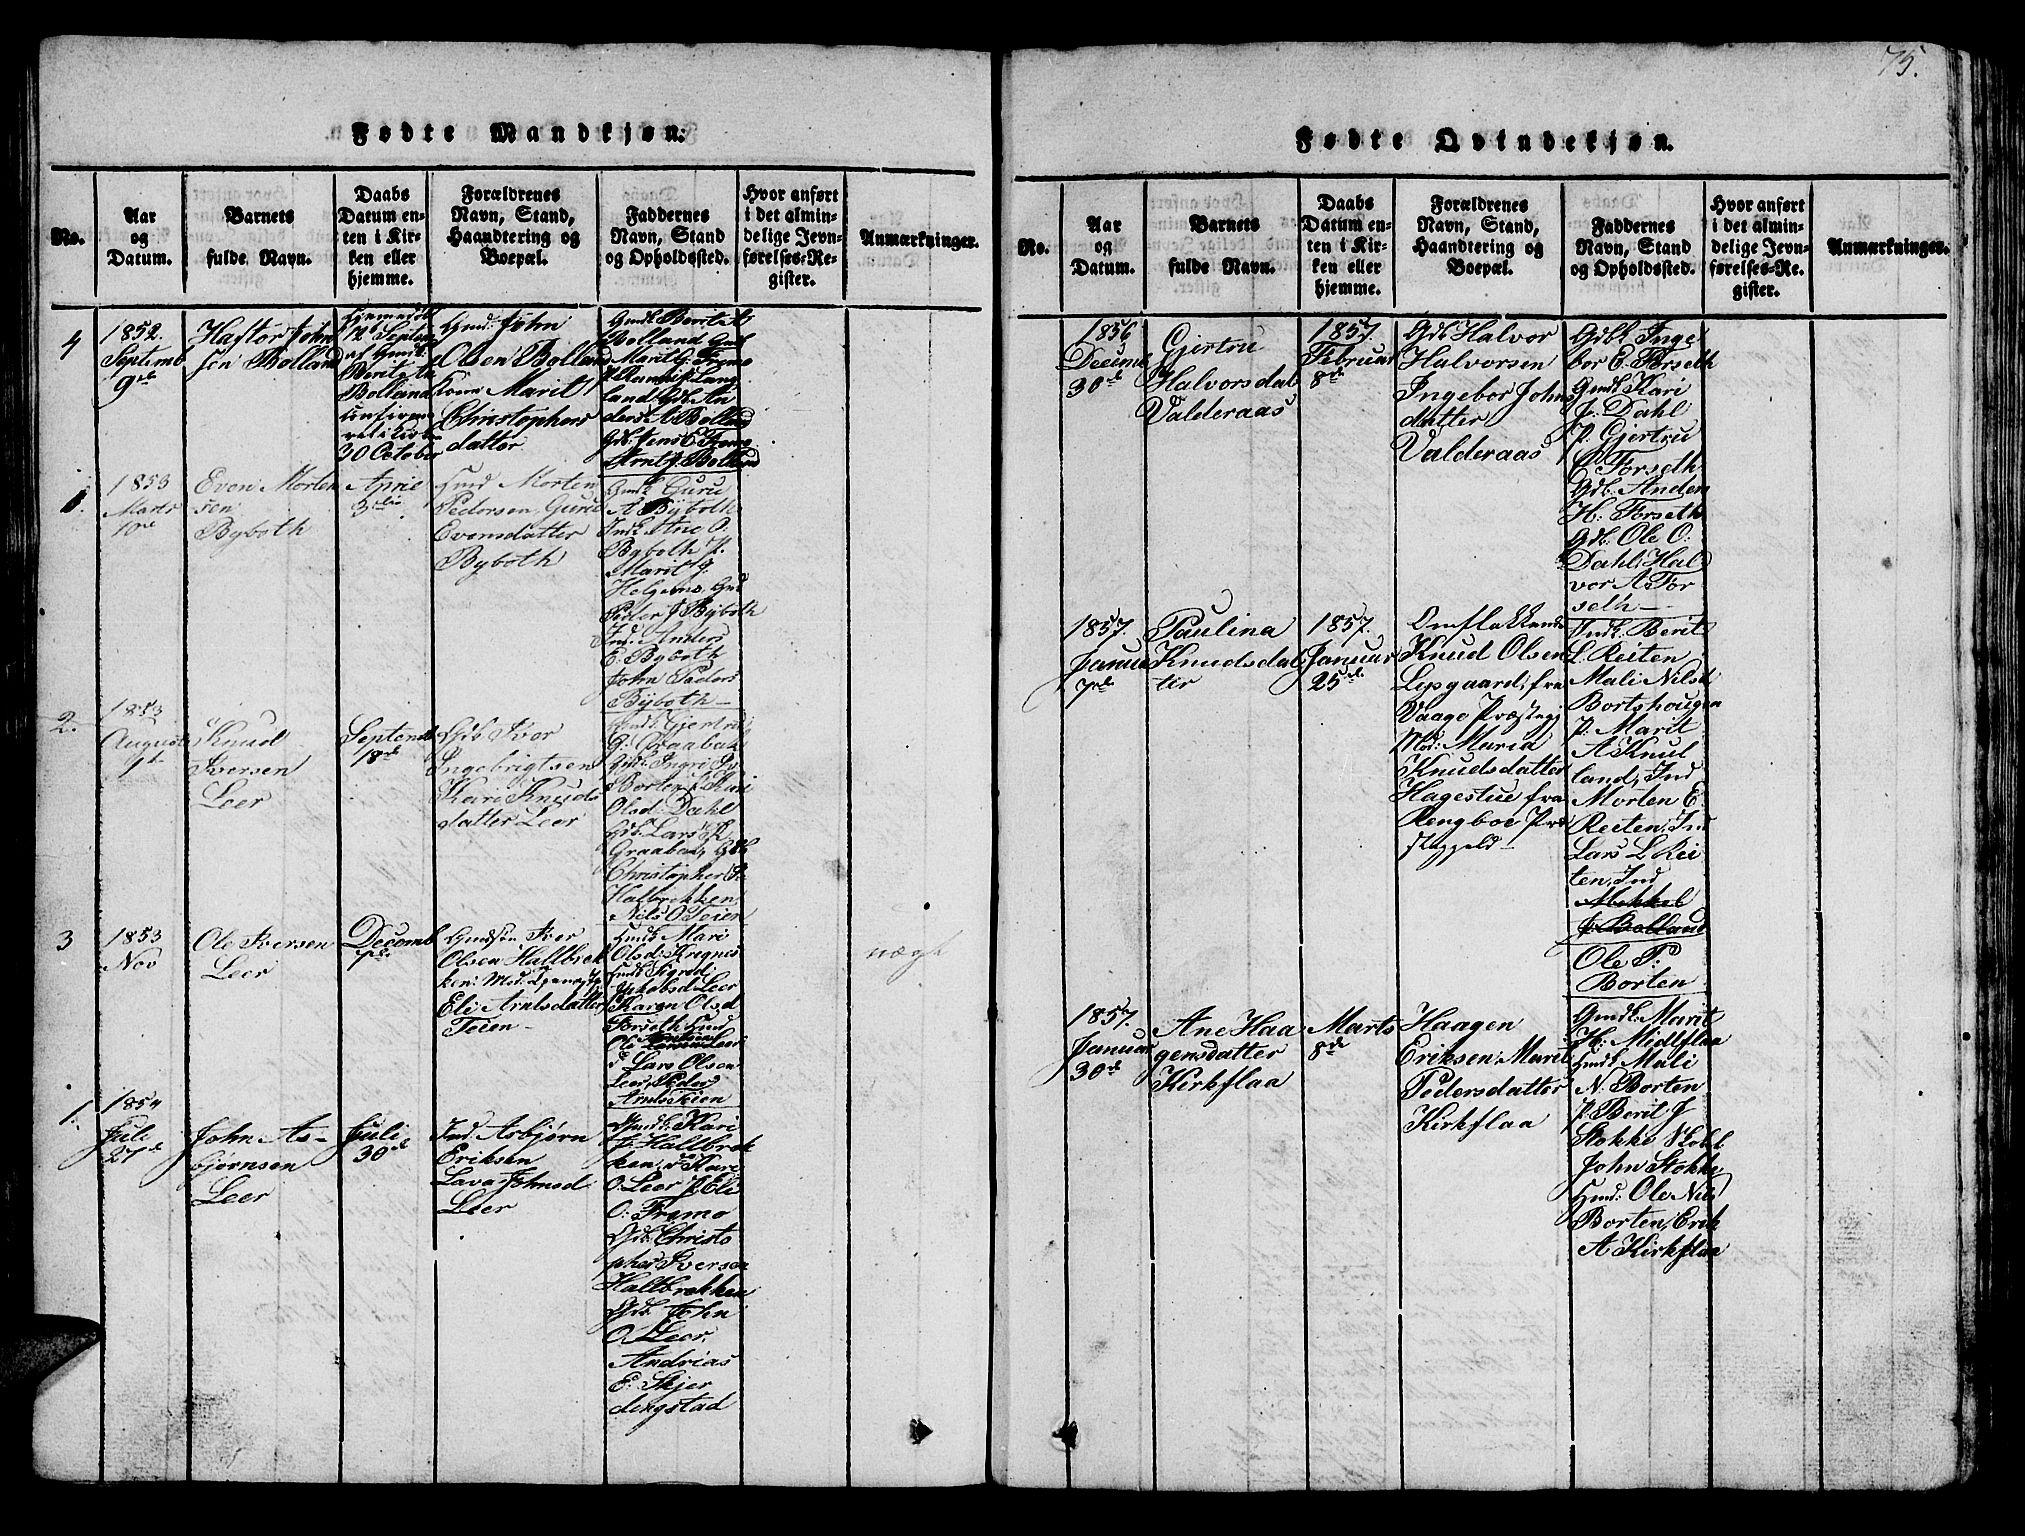 SAT, Ministerialprotokoller, klokkerbøker og fødselsregistre - Sør-Trøndelag, 693/L1121: Klokkerbok nr. 693C02, 1816-1869, s. 75